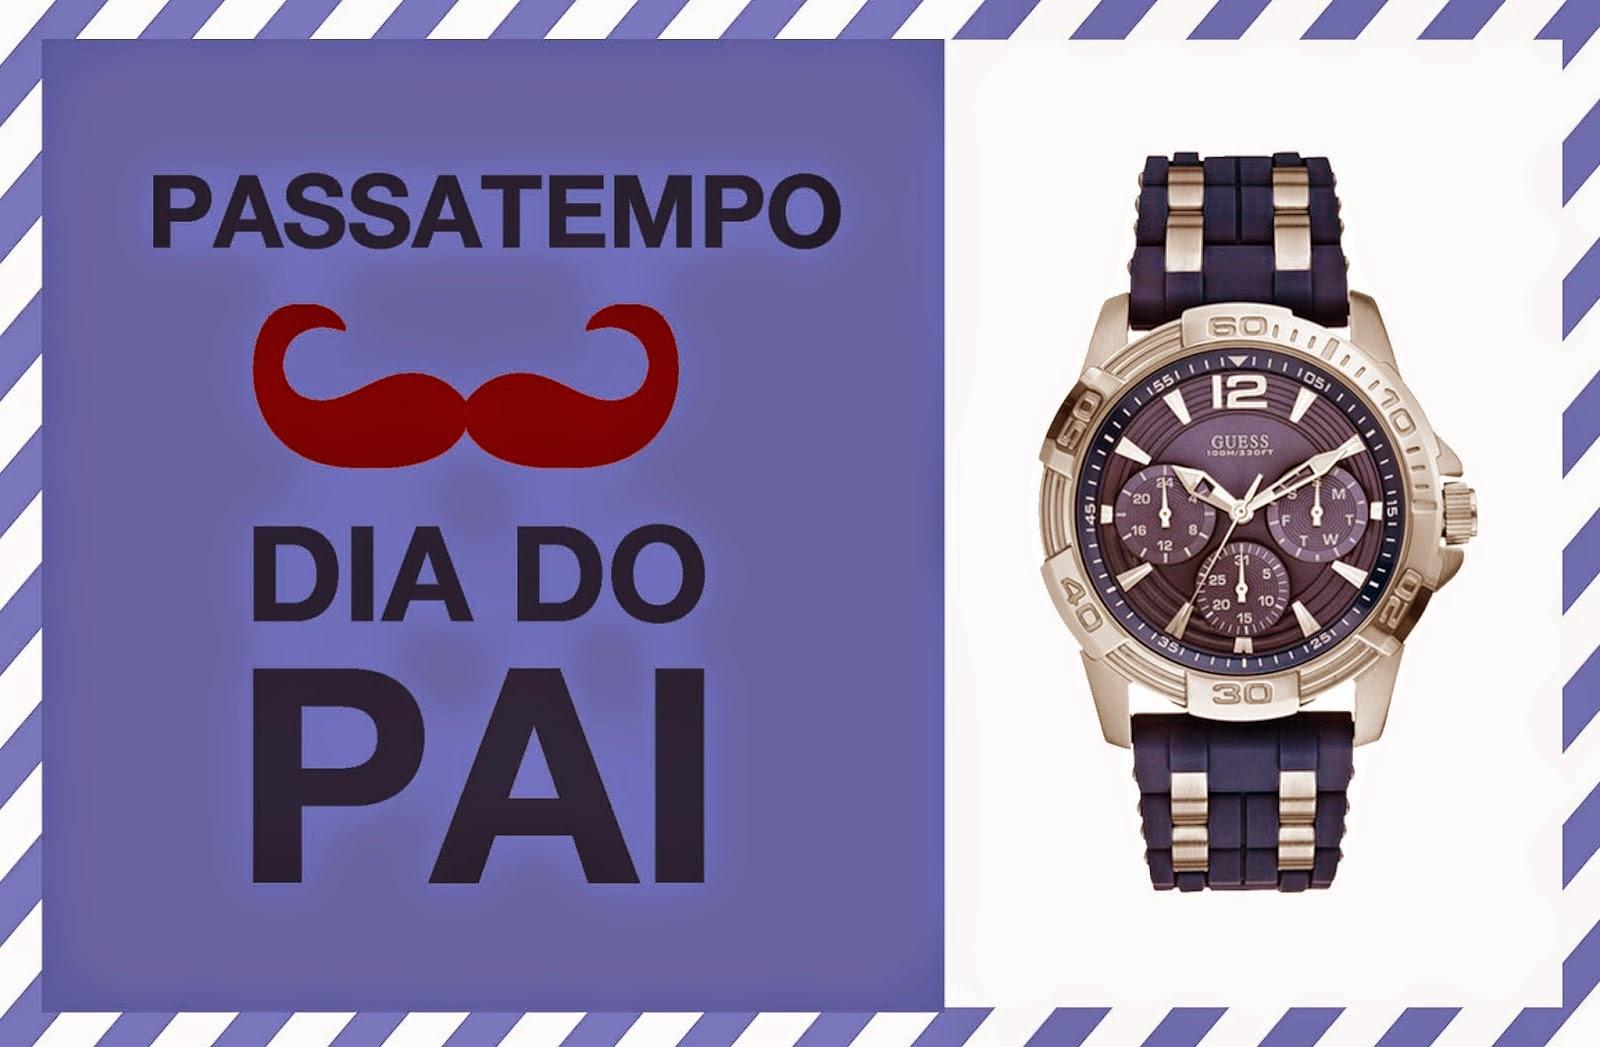 http://freefashionbyfreeport.blogspot.pt/2015/03/passatempo-dia-do-pai.html